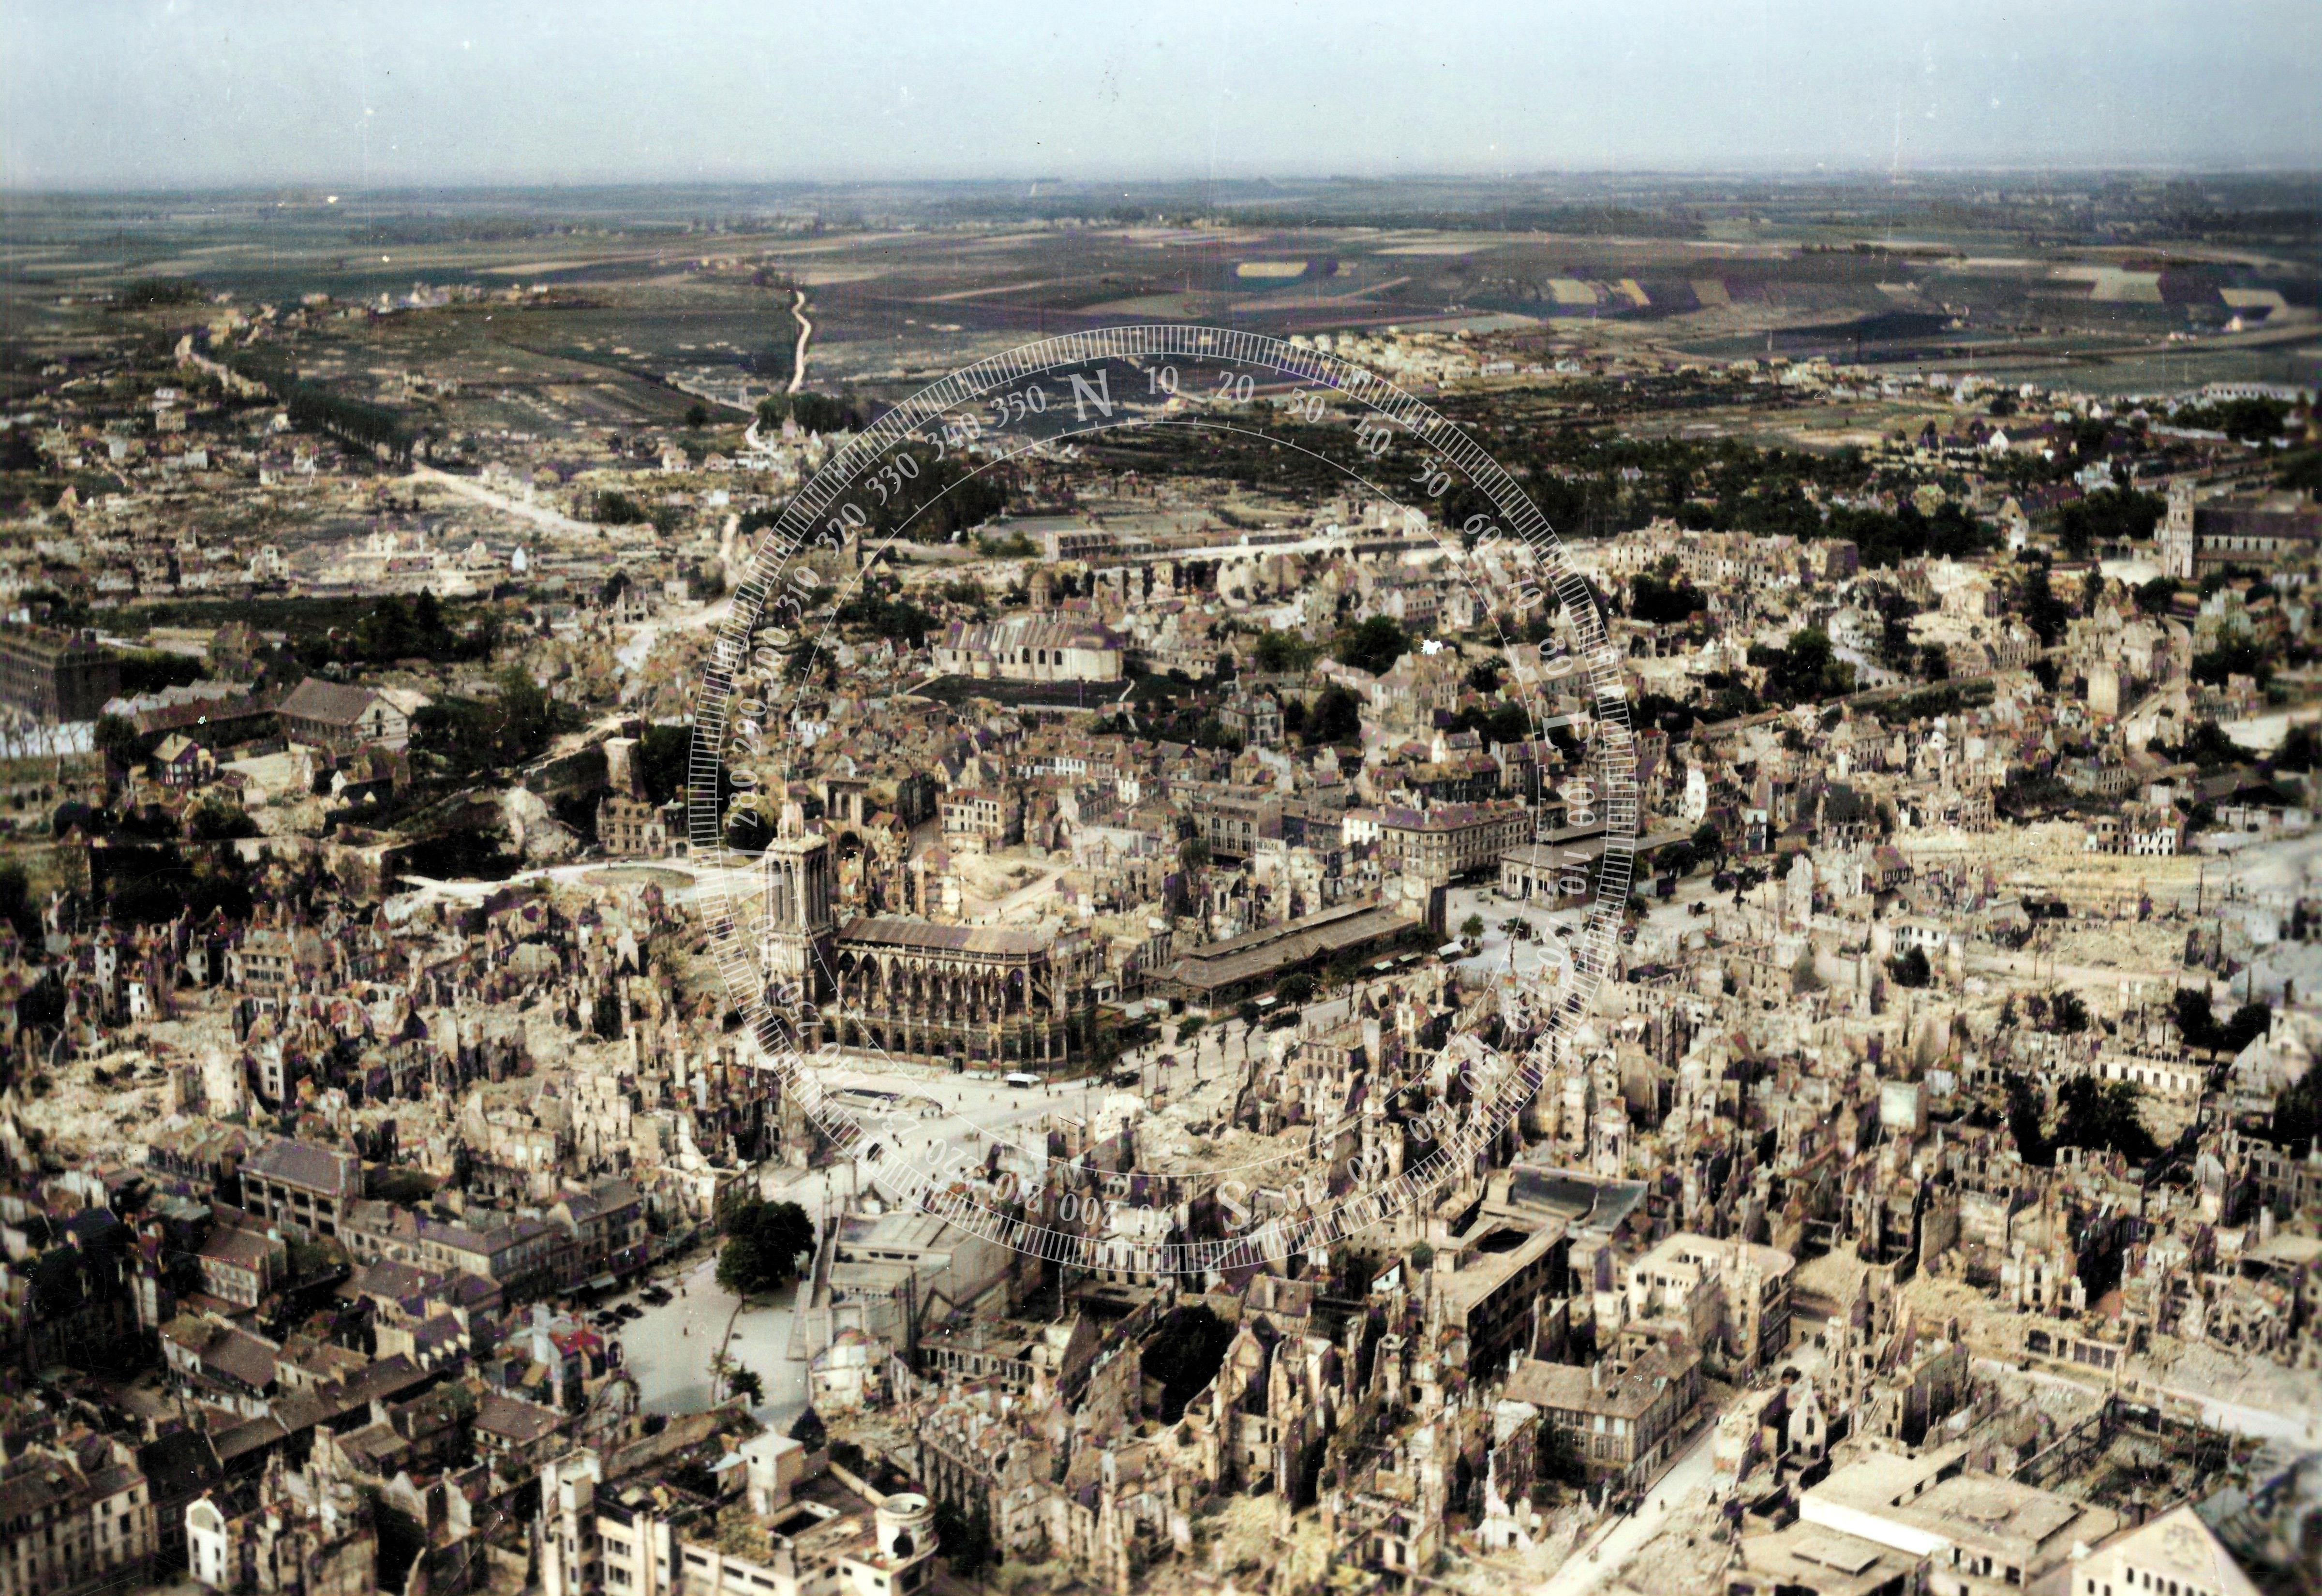 DeOldify Kolorierung: Luftbild der Kirche Église Saint-Pierre und der zerstörten Stadt Caen (Frankreich)